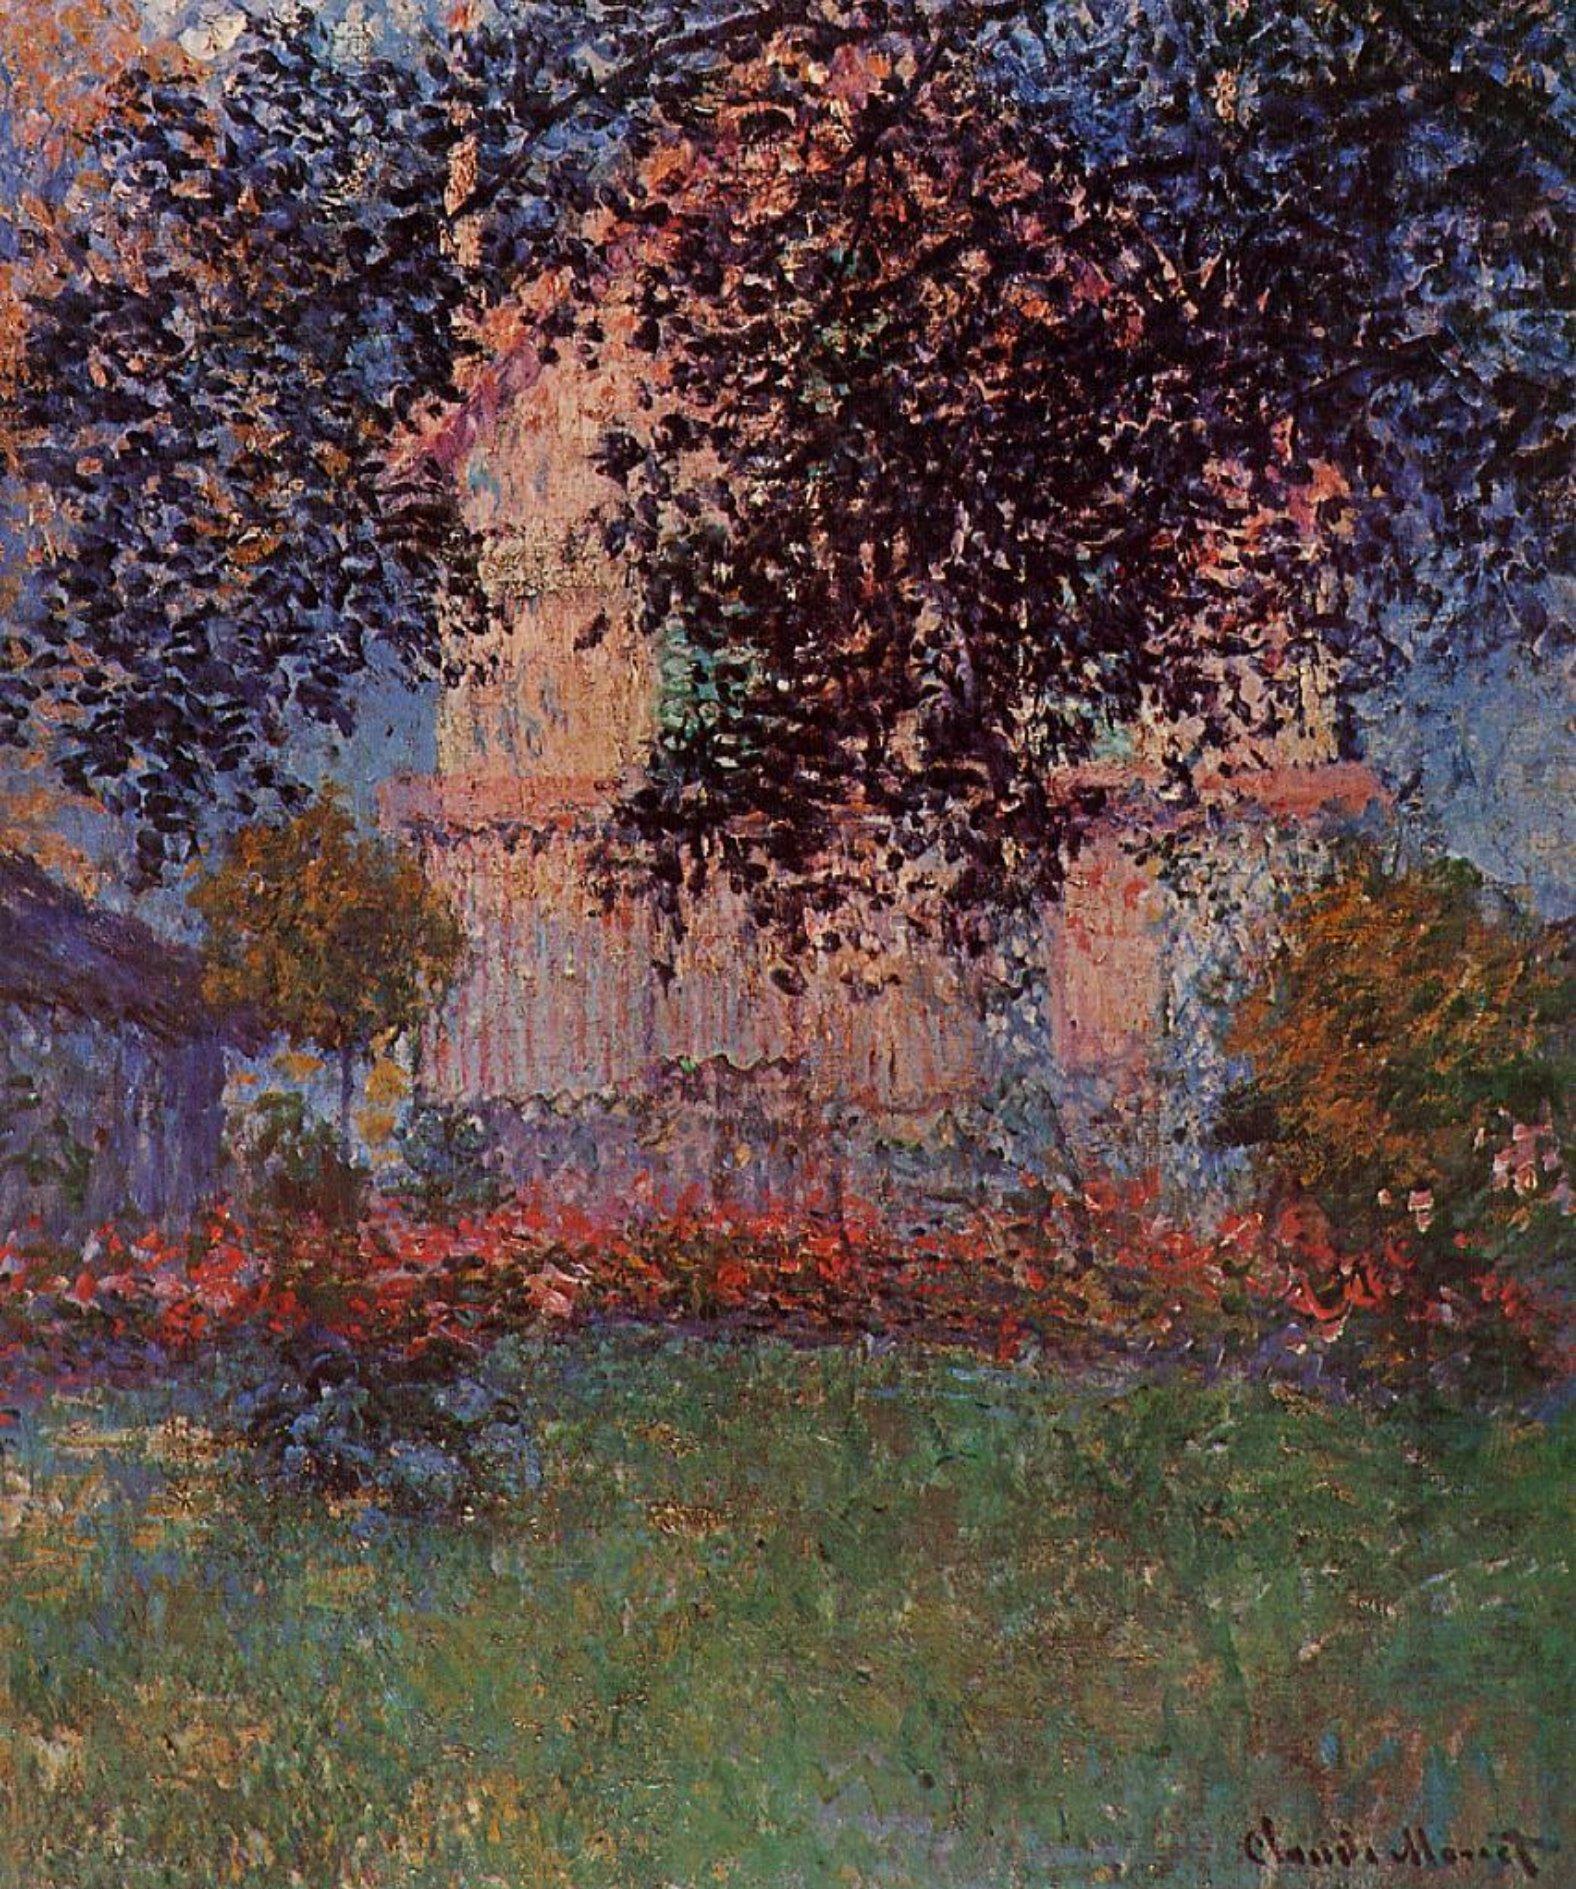 пейзаж < Дом Моне в Аржантее >:: Клод Моне, описание картины - Моне Клод (Claude Monet) фото